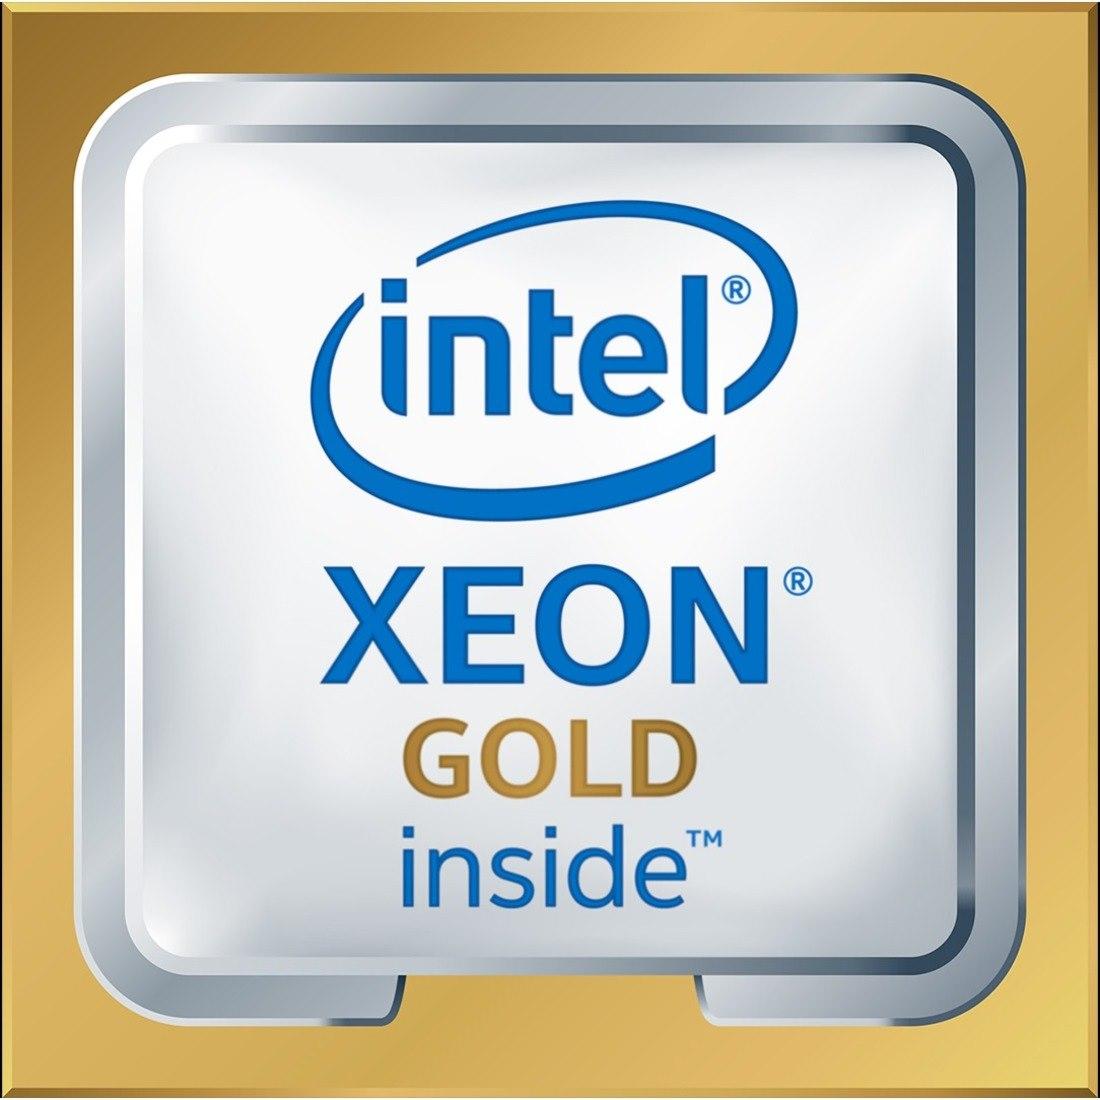 Cisco Intel Xeon 5122 Quad-core (4 Core) 3.60 GHz Processor Upgrade